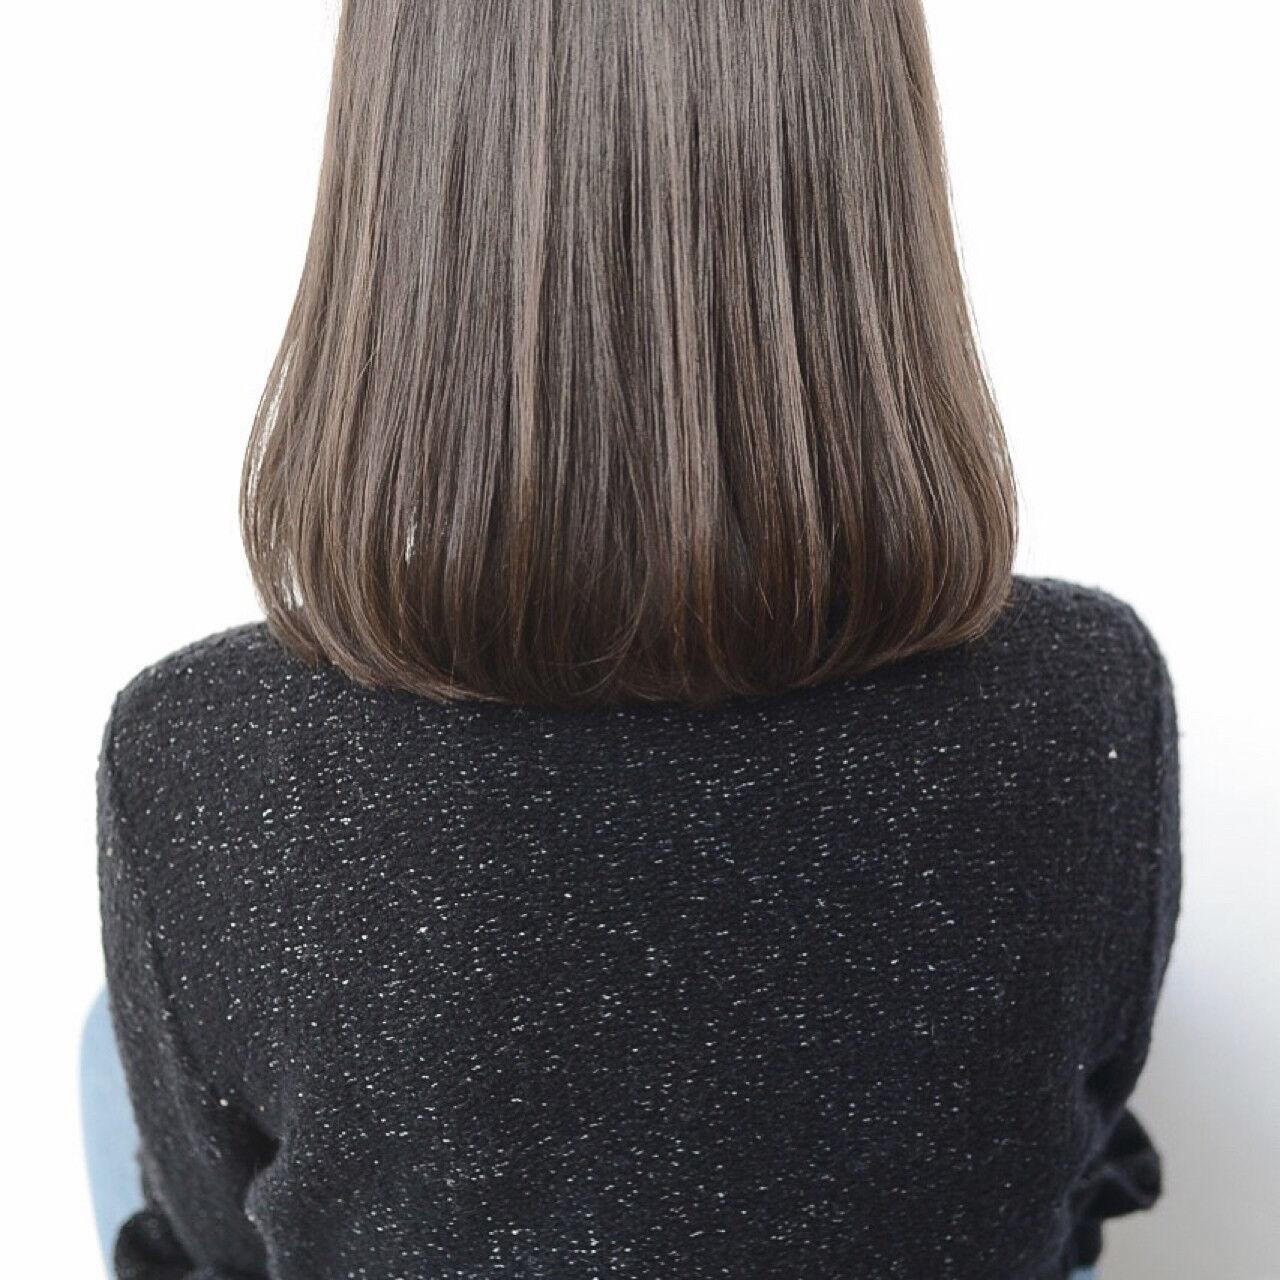 アッシュ ストレート ナチュラル 透明感ヘアスタイルや髪型の写真・画像